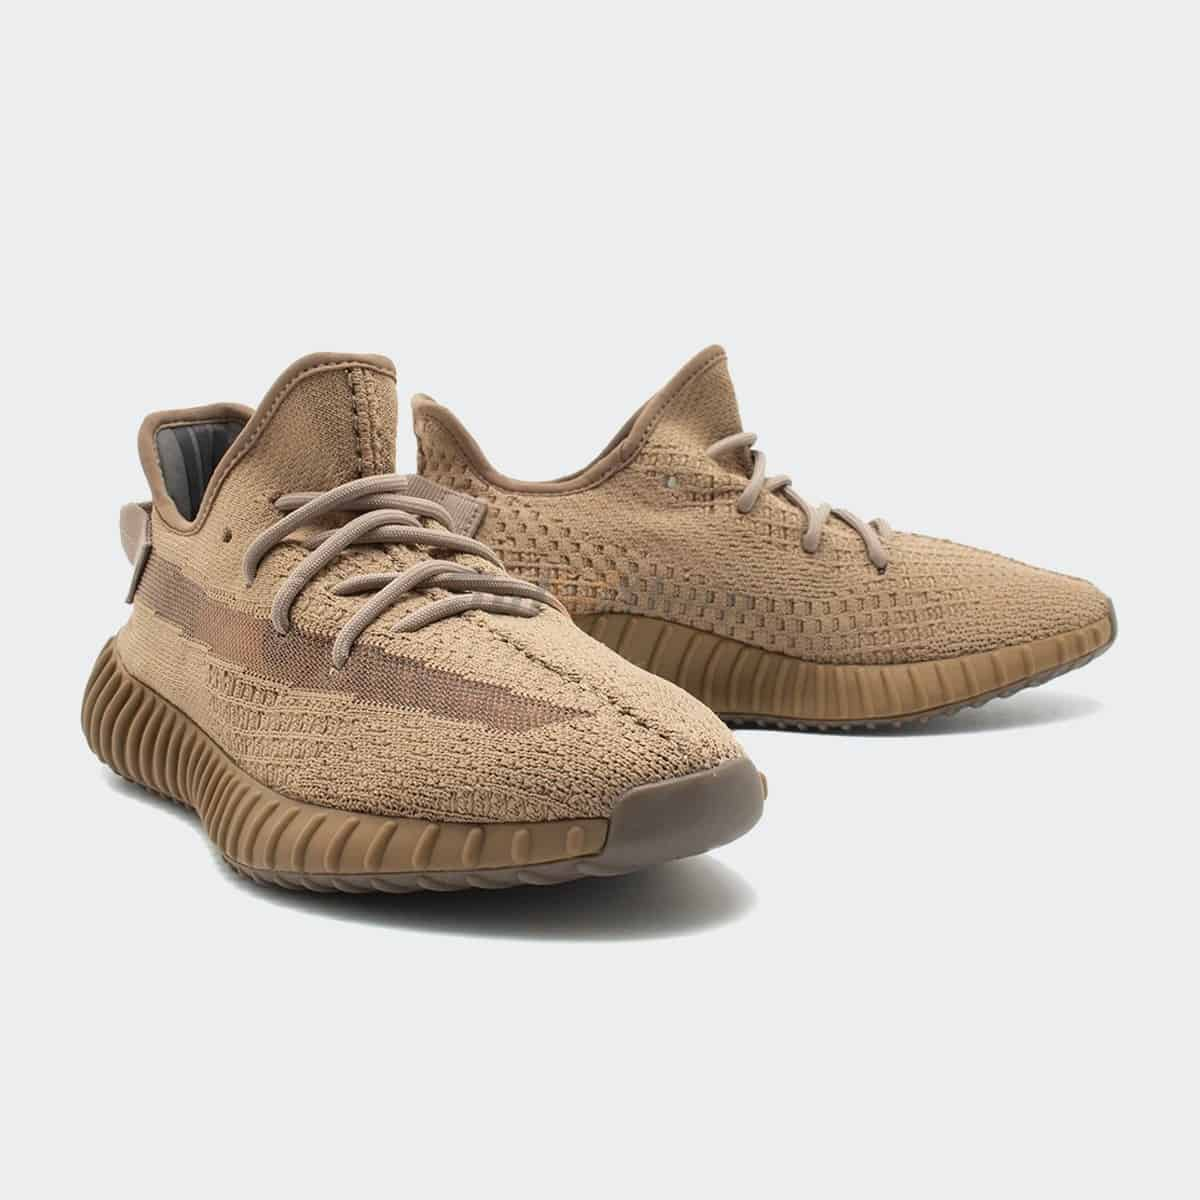 Adidas Yeezy sở hữu các tông màu trung tính, dễ mix & match với trang phục